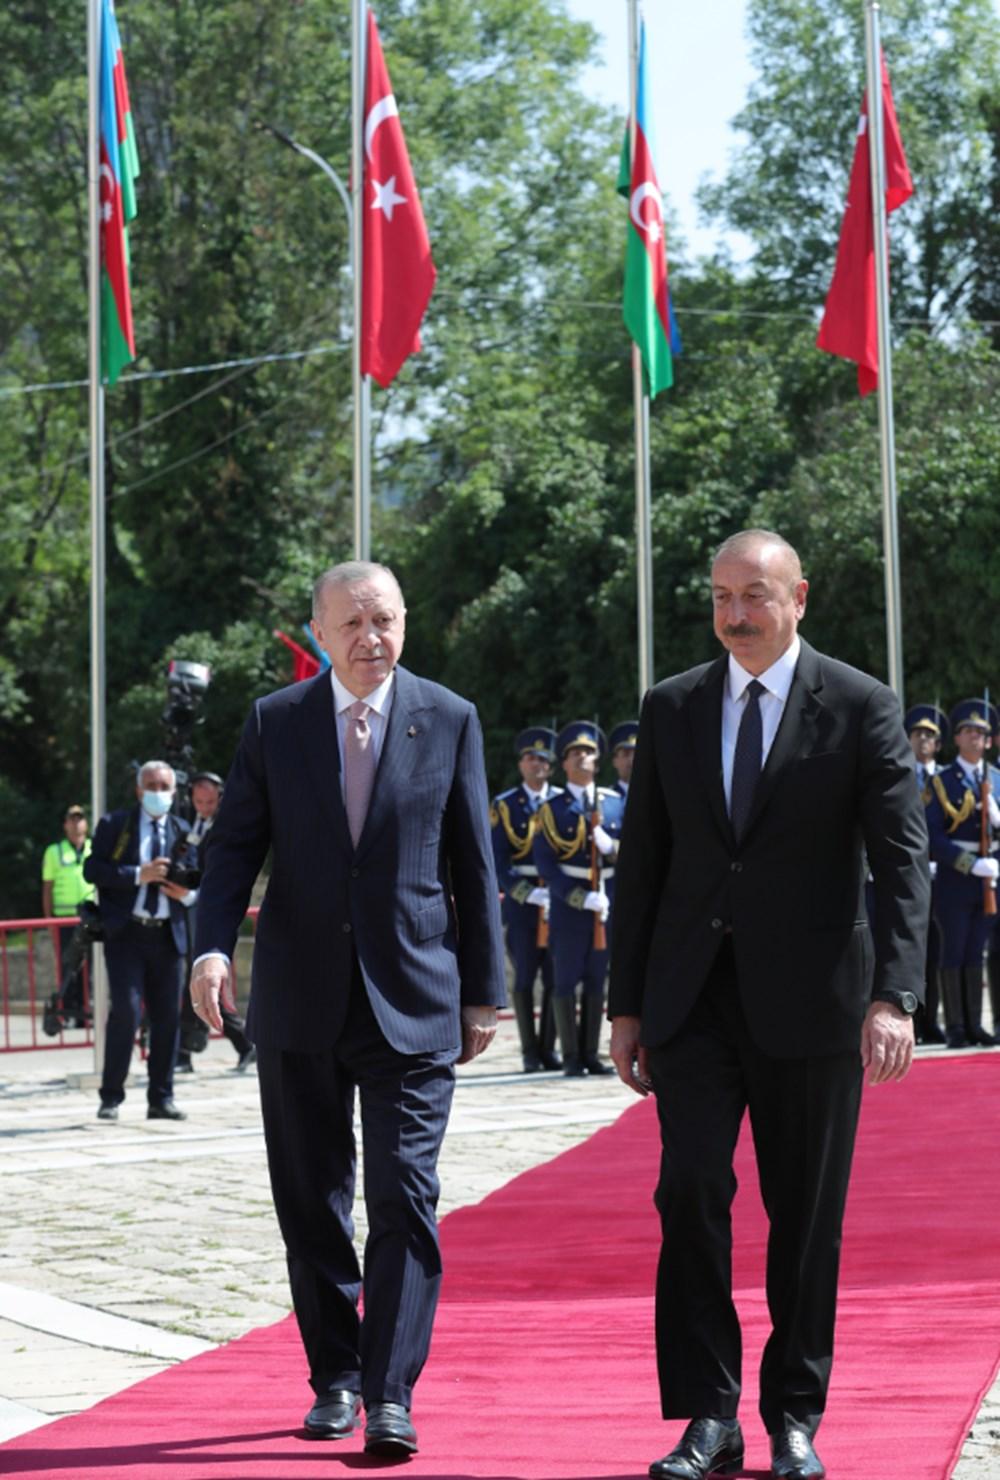 Cumhurbaşkanı Erdoğan ve Aliyev Şuşa Beyannamesi'ni imzaladı - 23